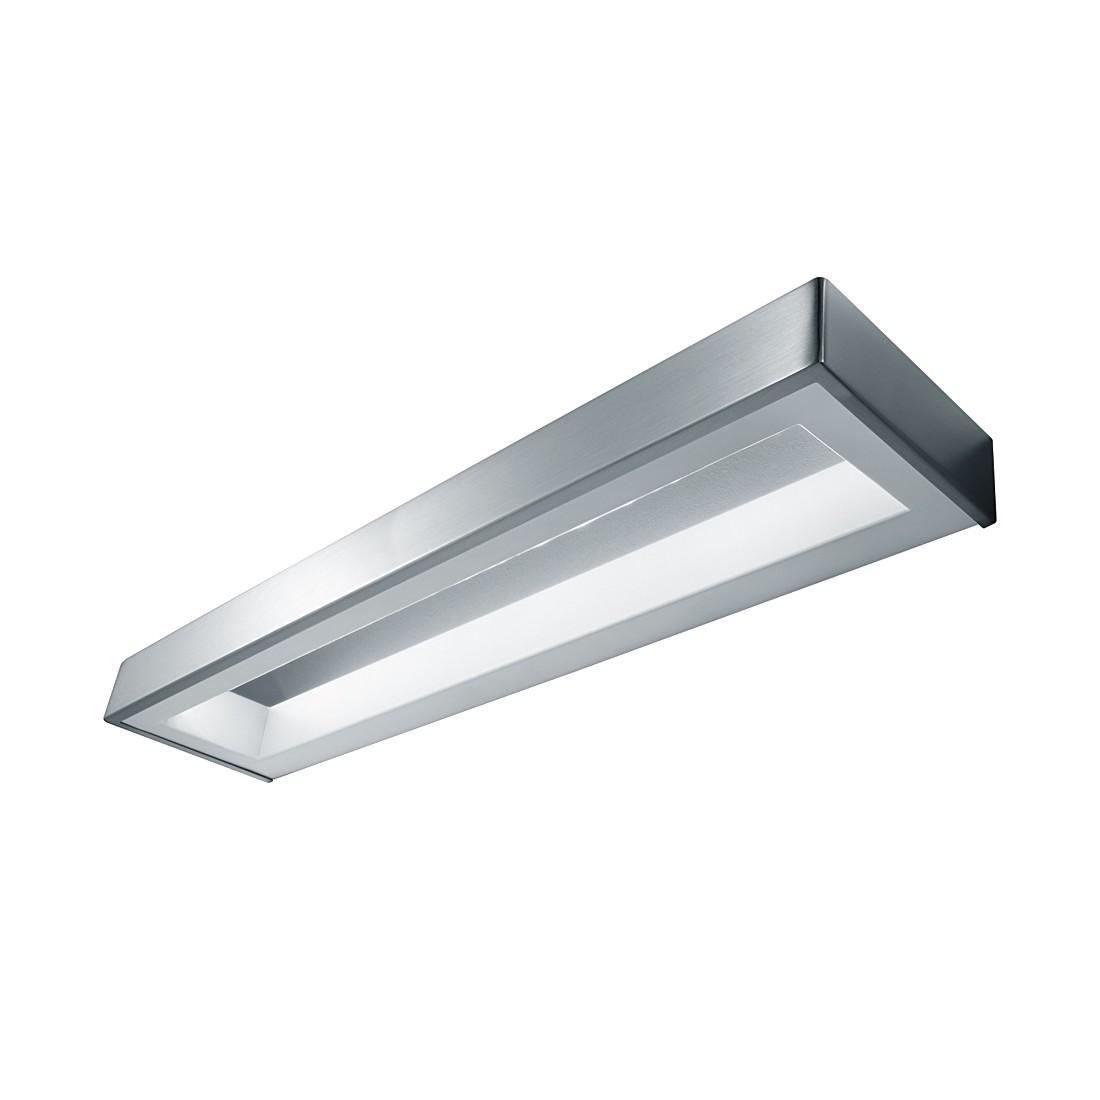 LEDWandleuchte Jocy Aluminium Silber Helestra A+ online bestellen -> Wandleuchte Led Aluminium